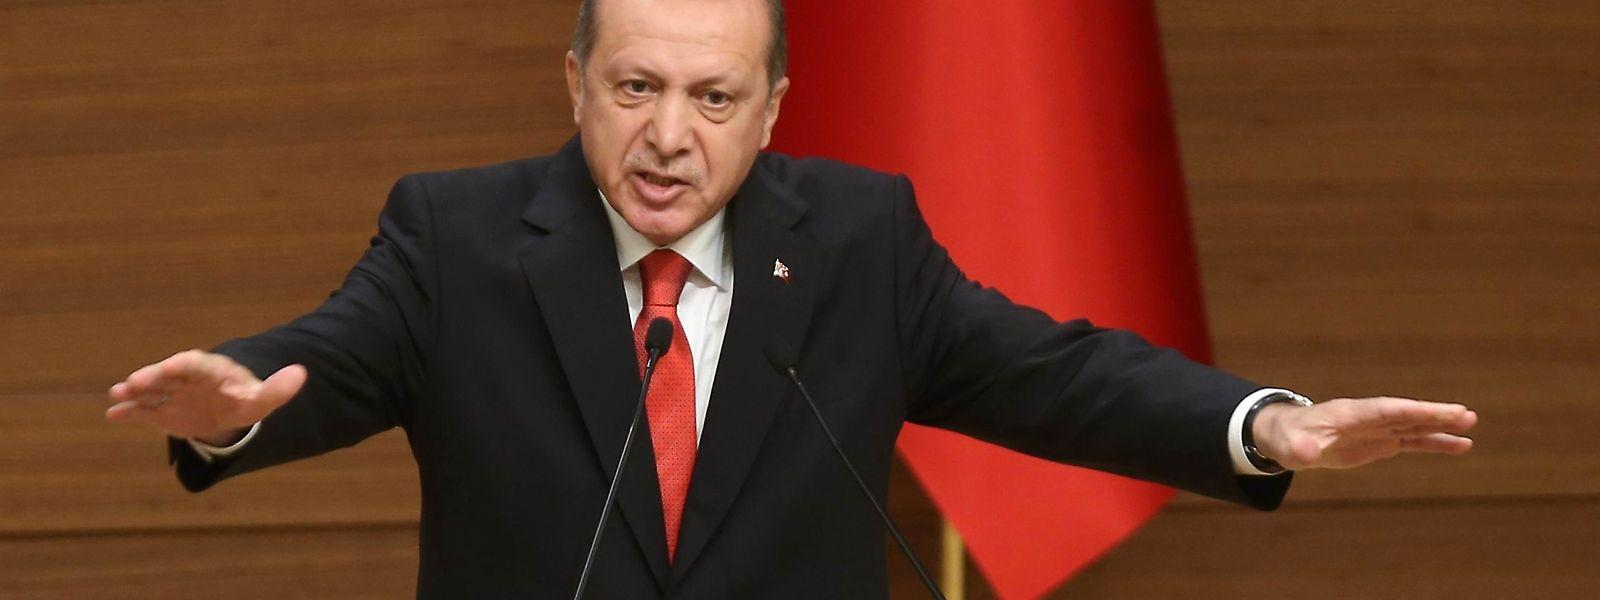 Staatspräsident Recep Tayyip Erdogan hat dreht die Uhren zurück.